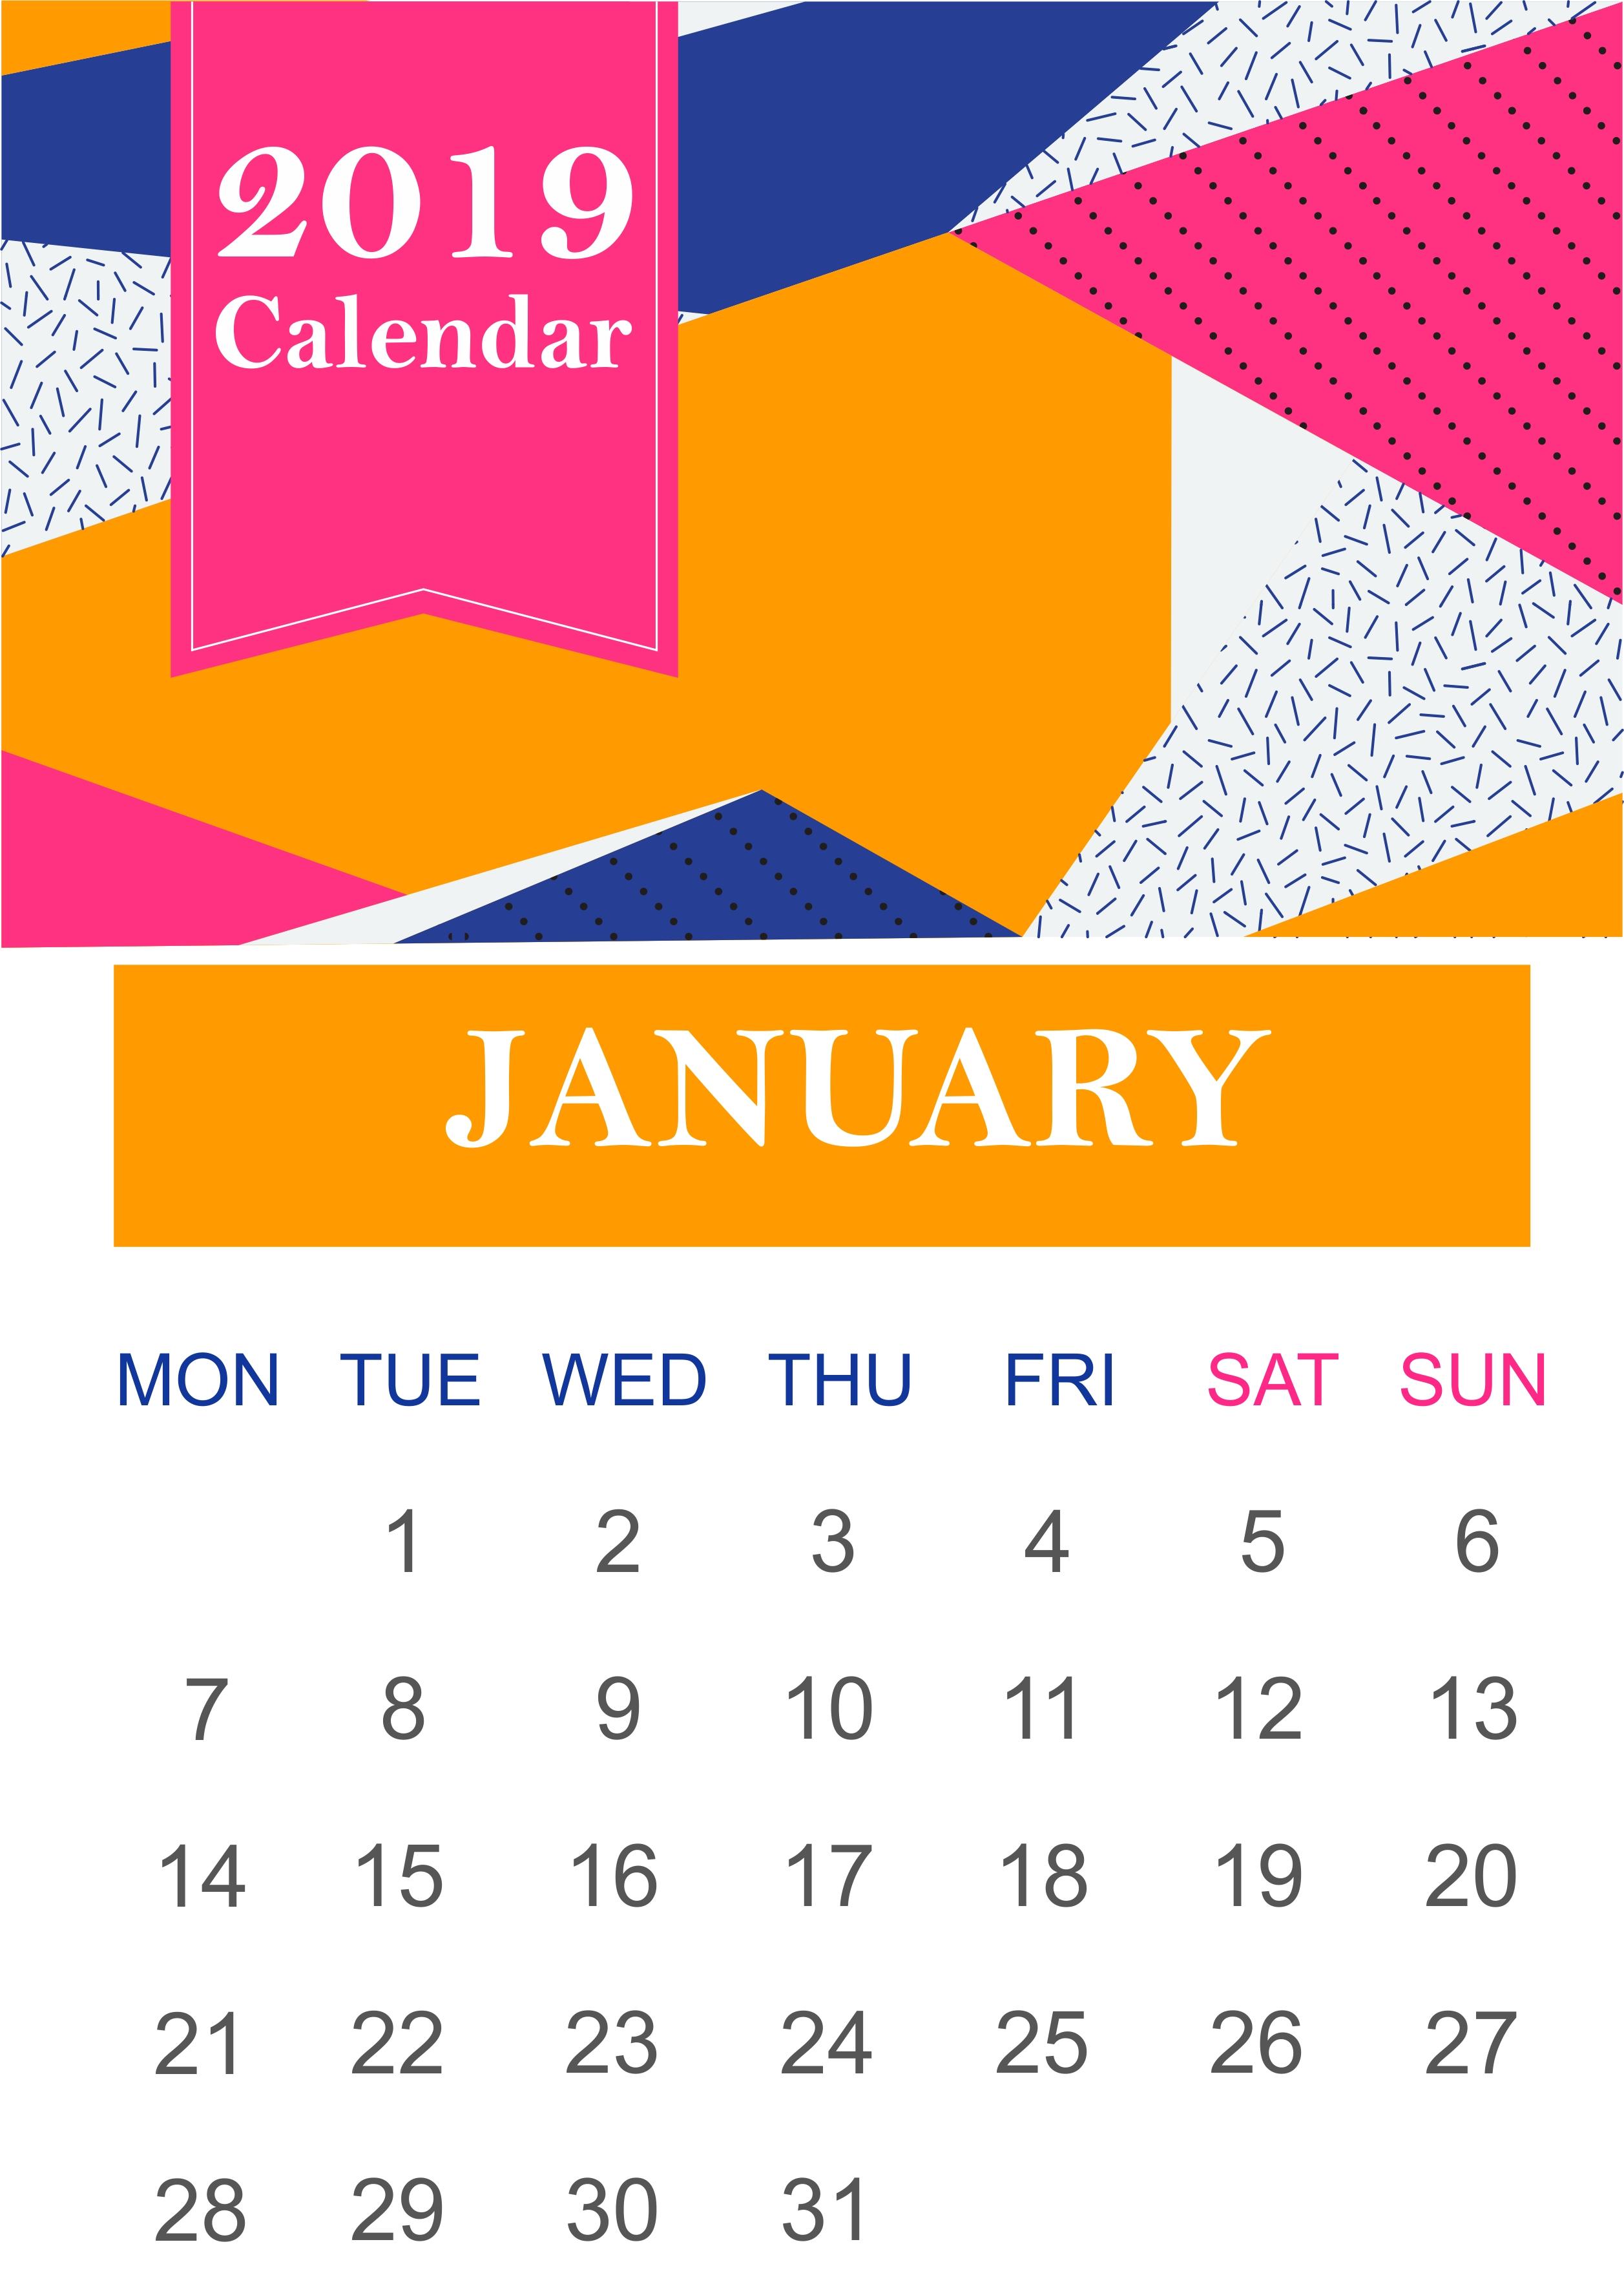 Get Free January 2019 Calendar Template – Whatsappstatusonline 9 Lives Calendar 2019